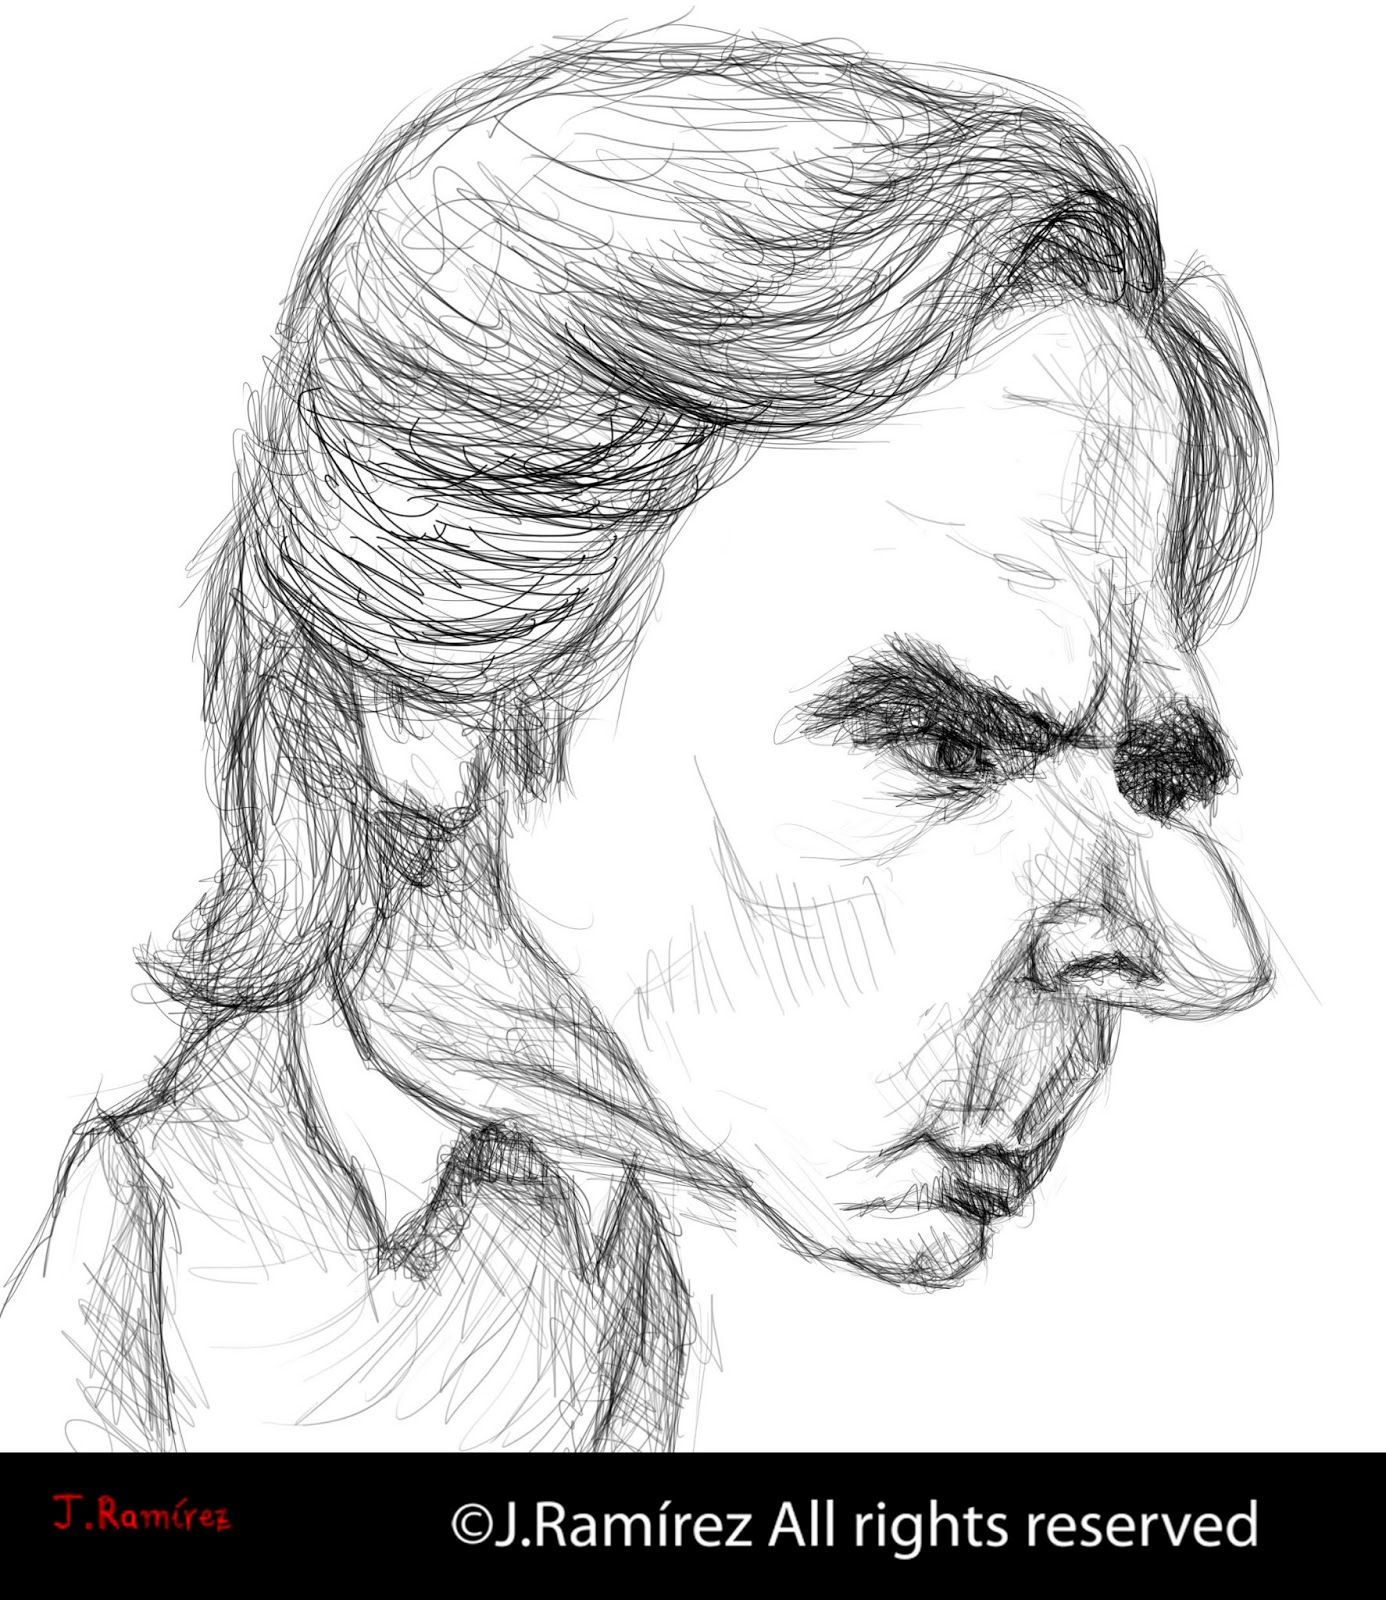 J Ramirez Caricatures Amp Illustration Mayo